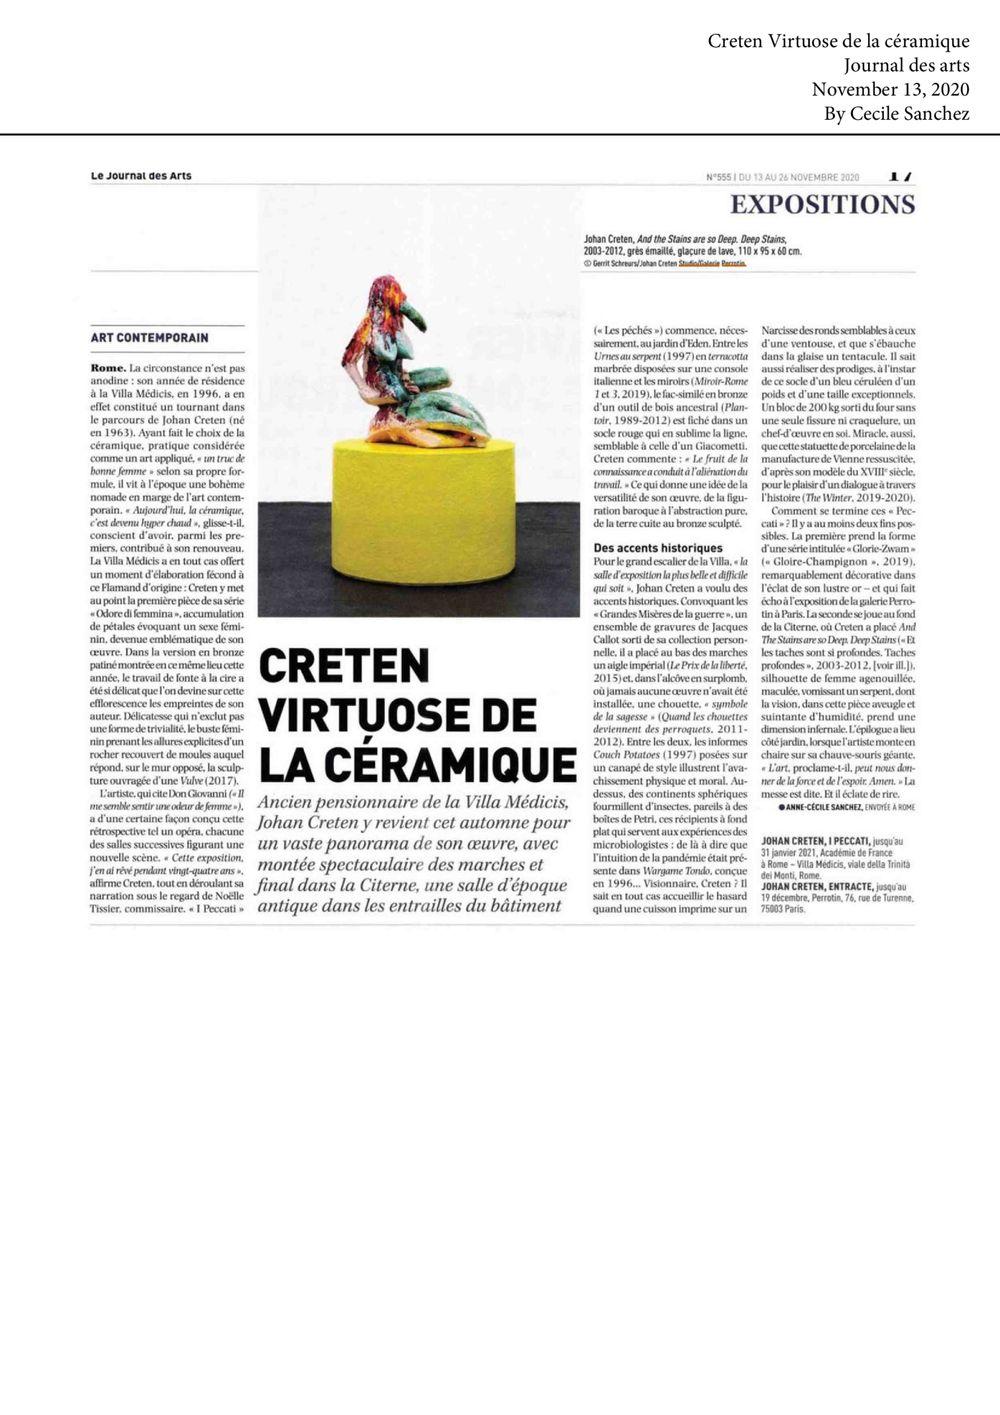 Le Journal des Arts | Johan CRETEN